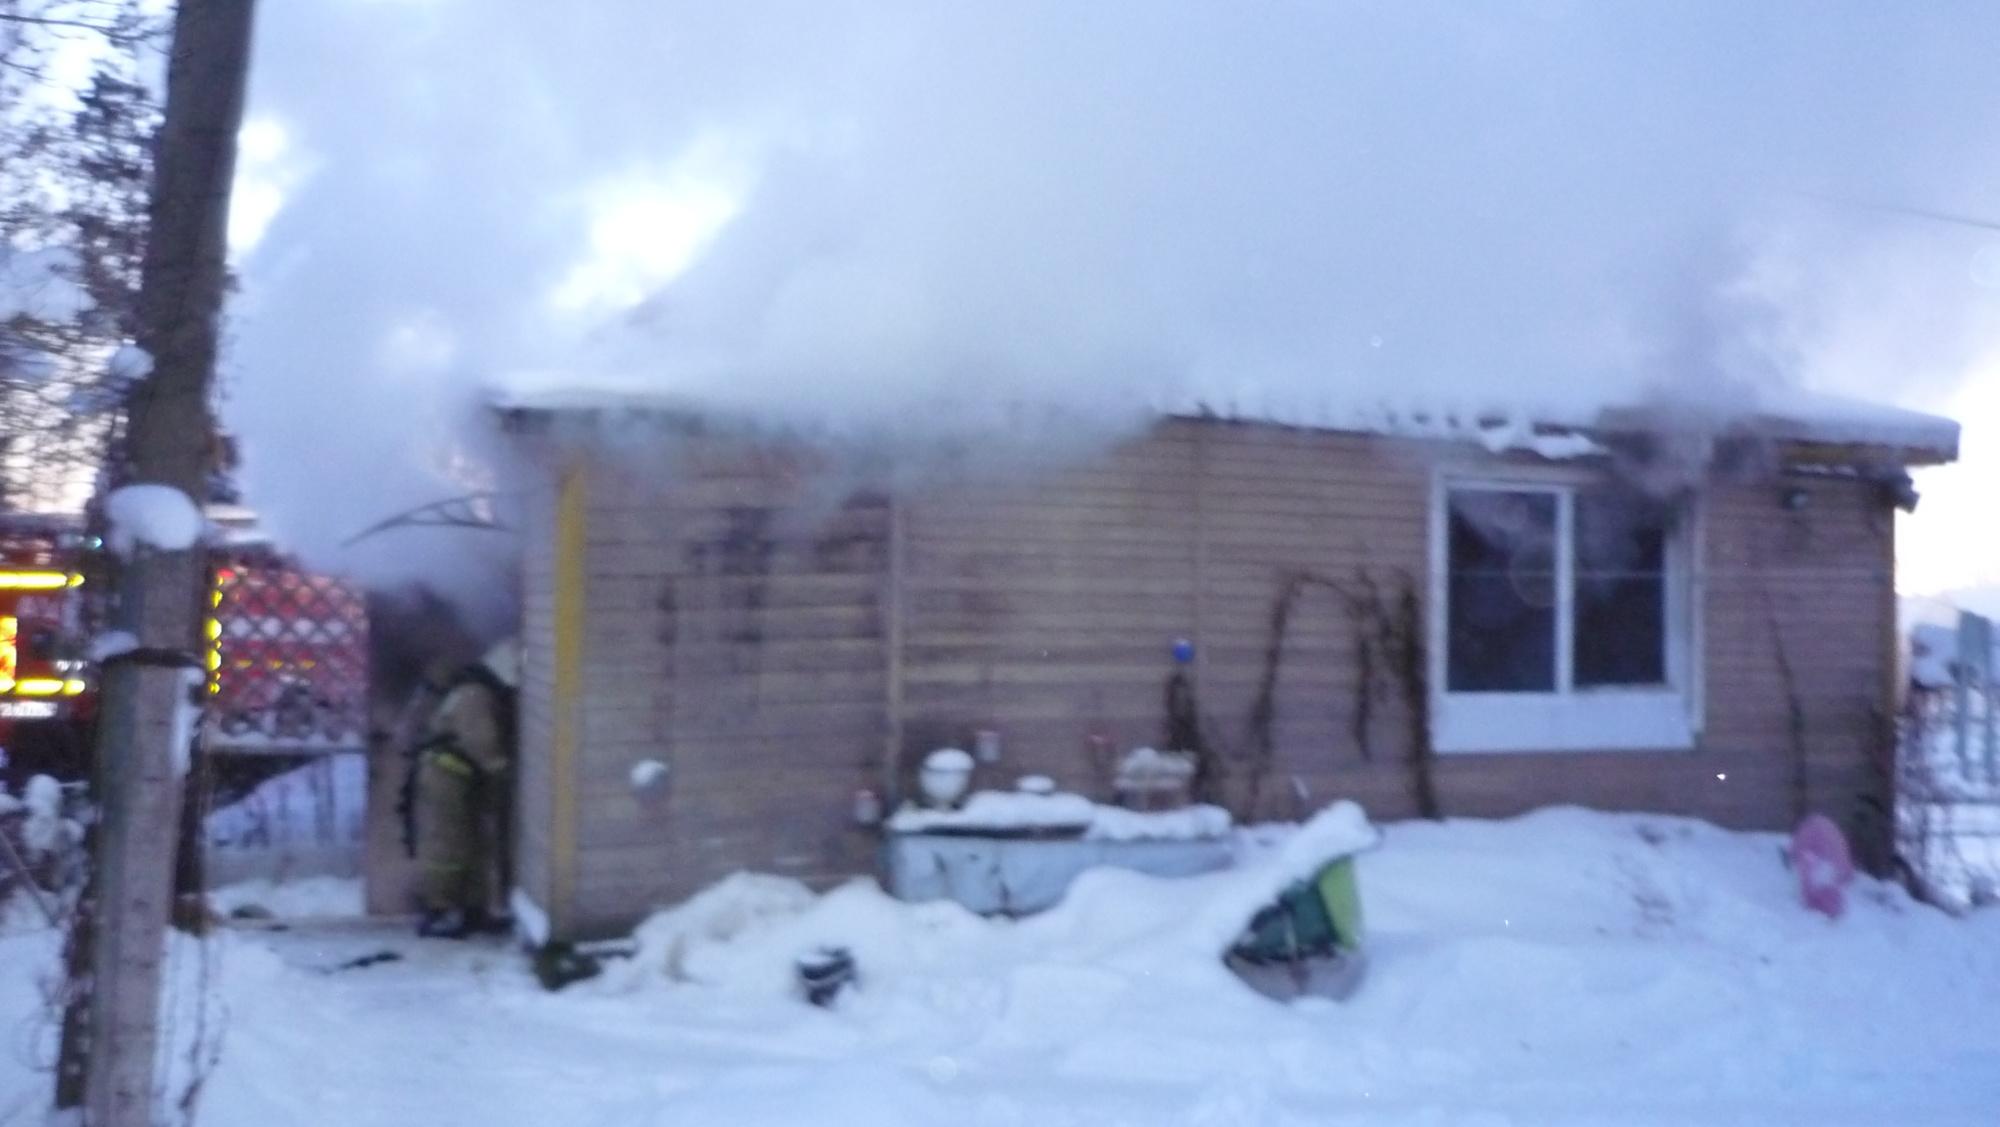 Пожарно-спасательные подразделения ликвидировали пожар в Муезерском районе.